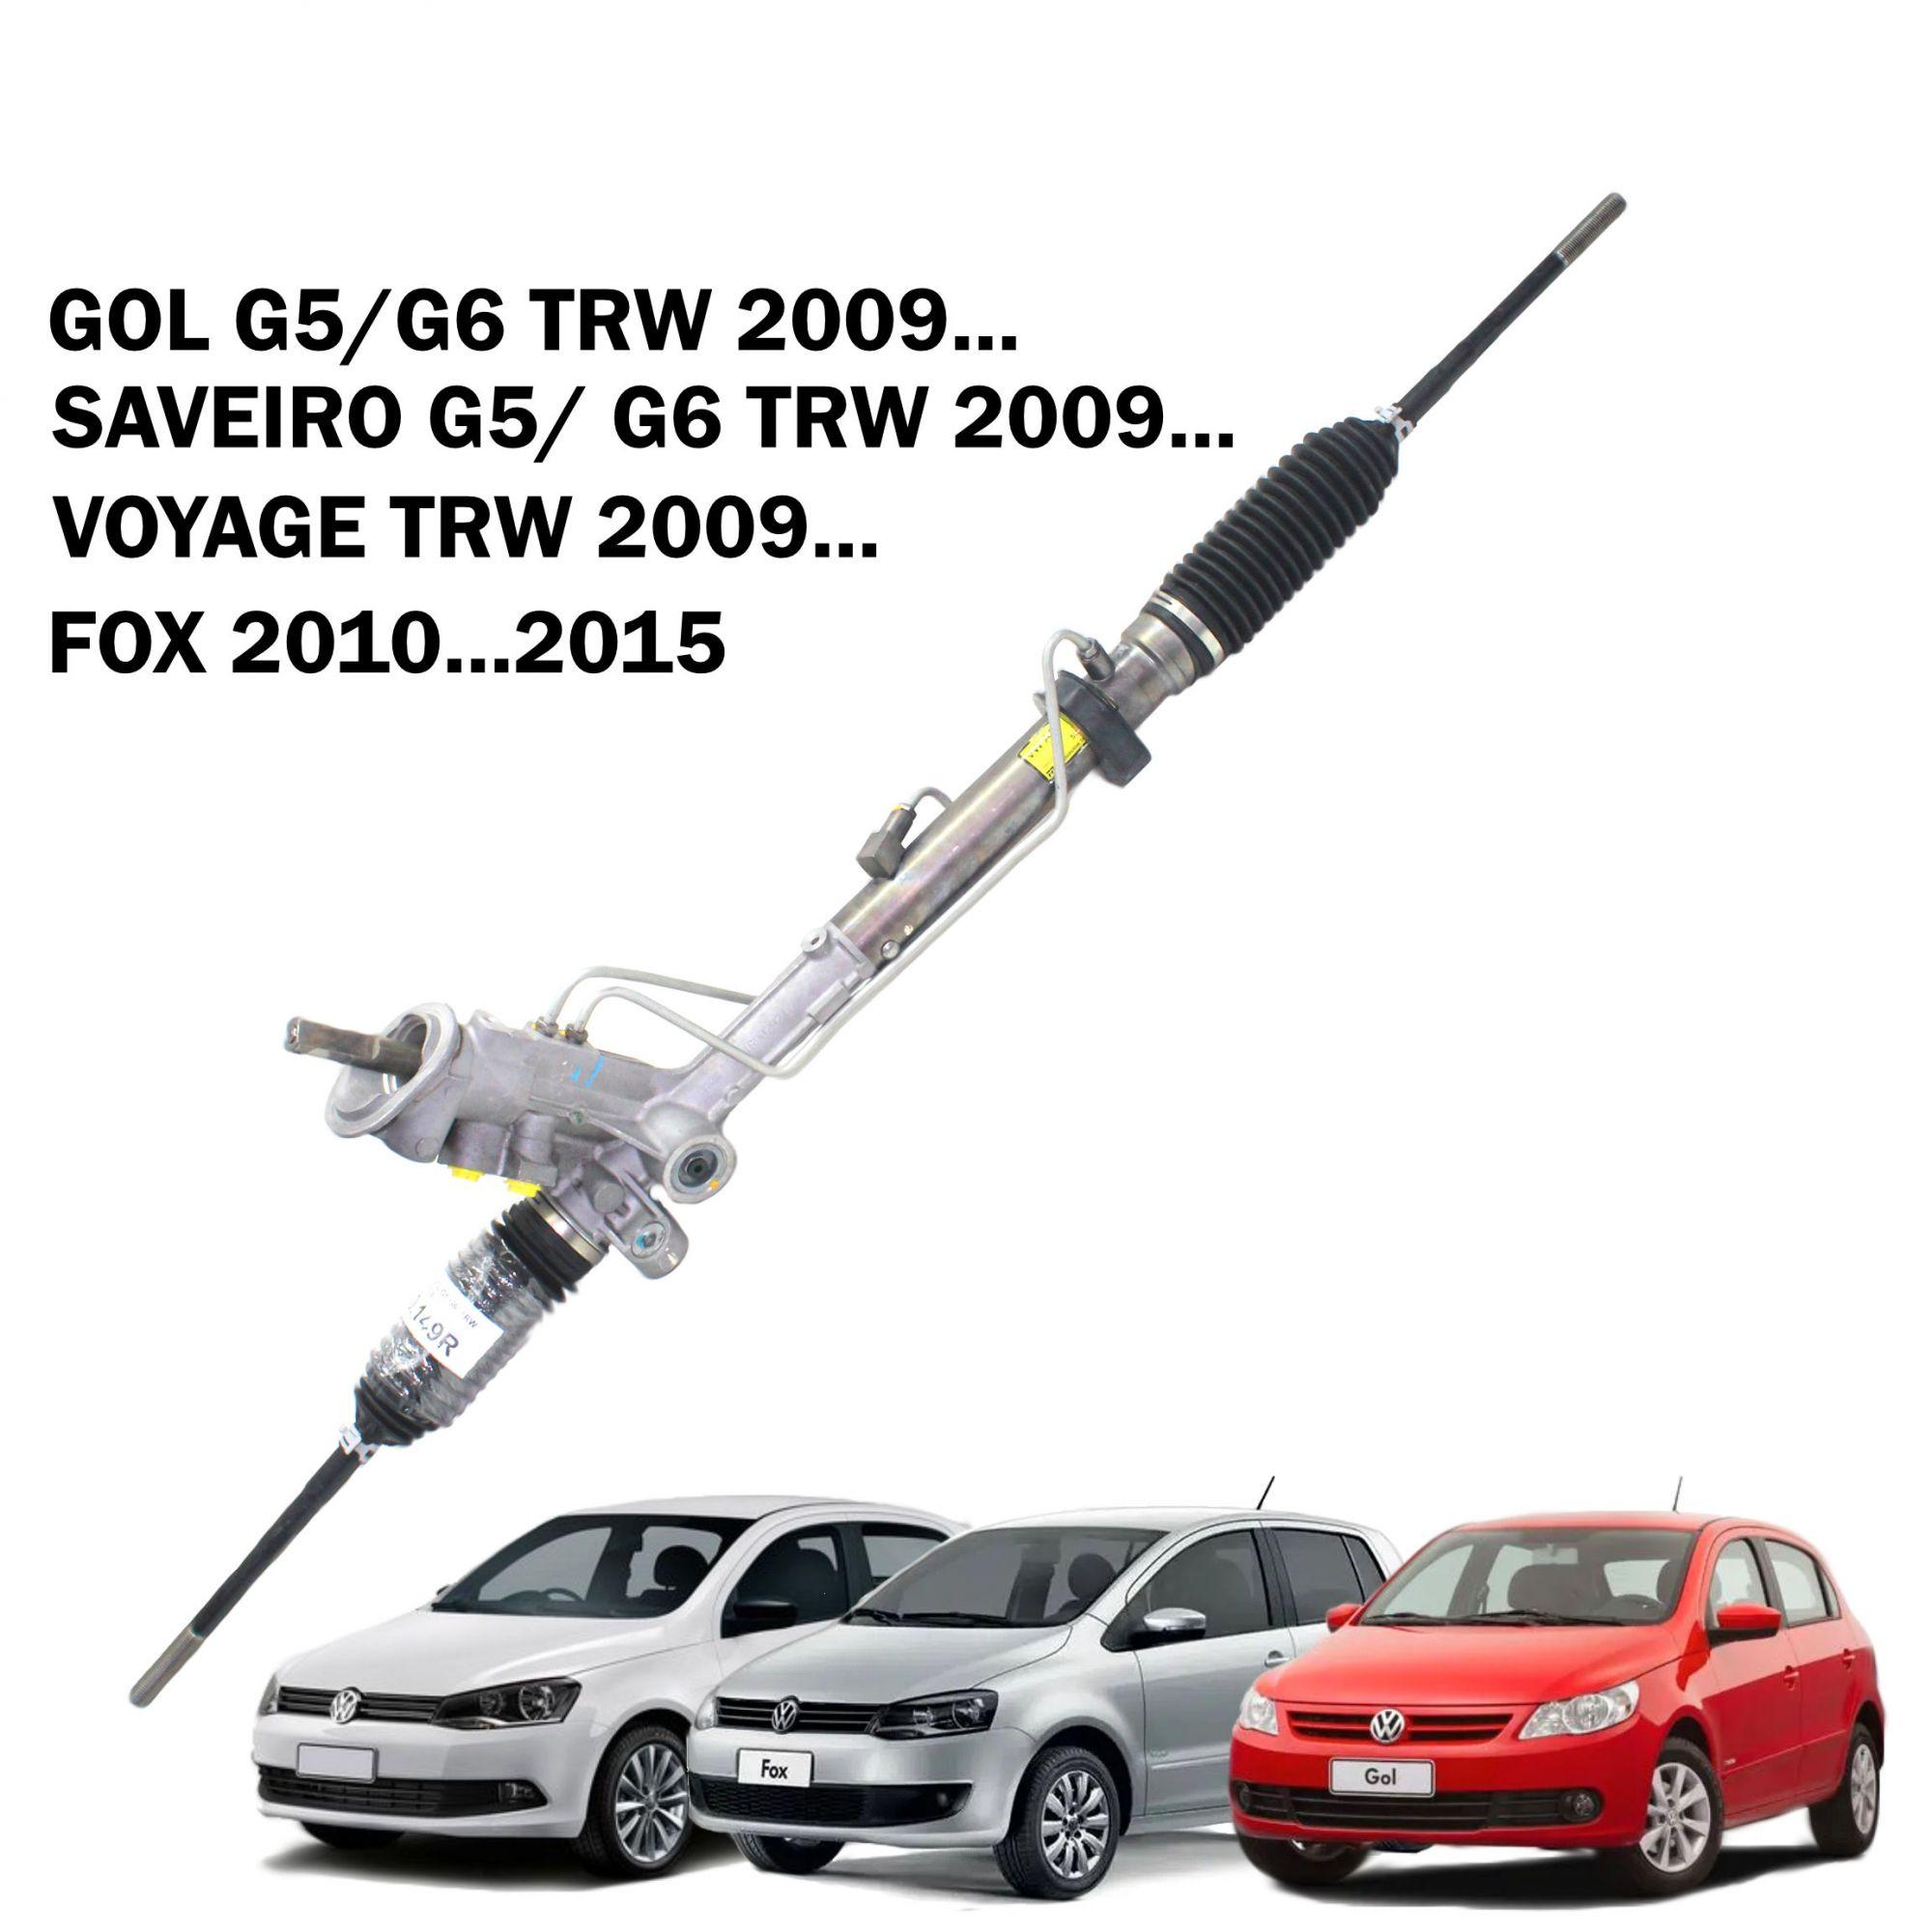 Caixa Direção Hidráulica TRW Gol G5 G6, Voyage, Fox, Saveiro